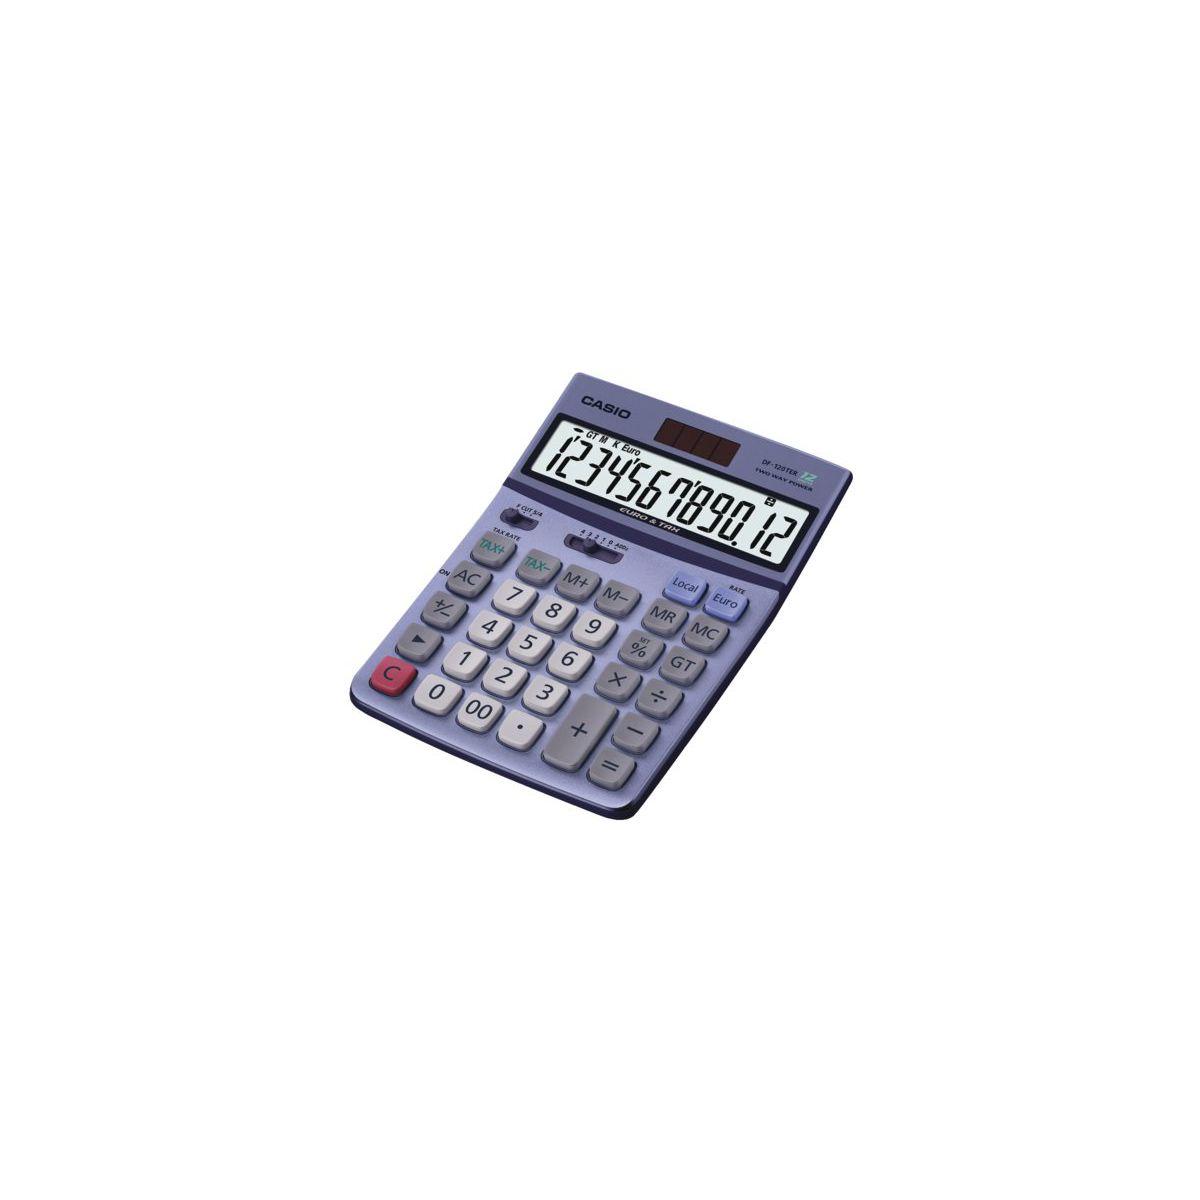 Calculatrice standard casio df 120ter ii (photo)